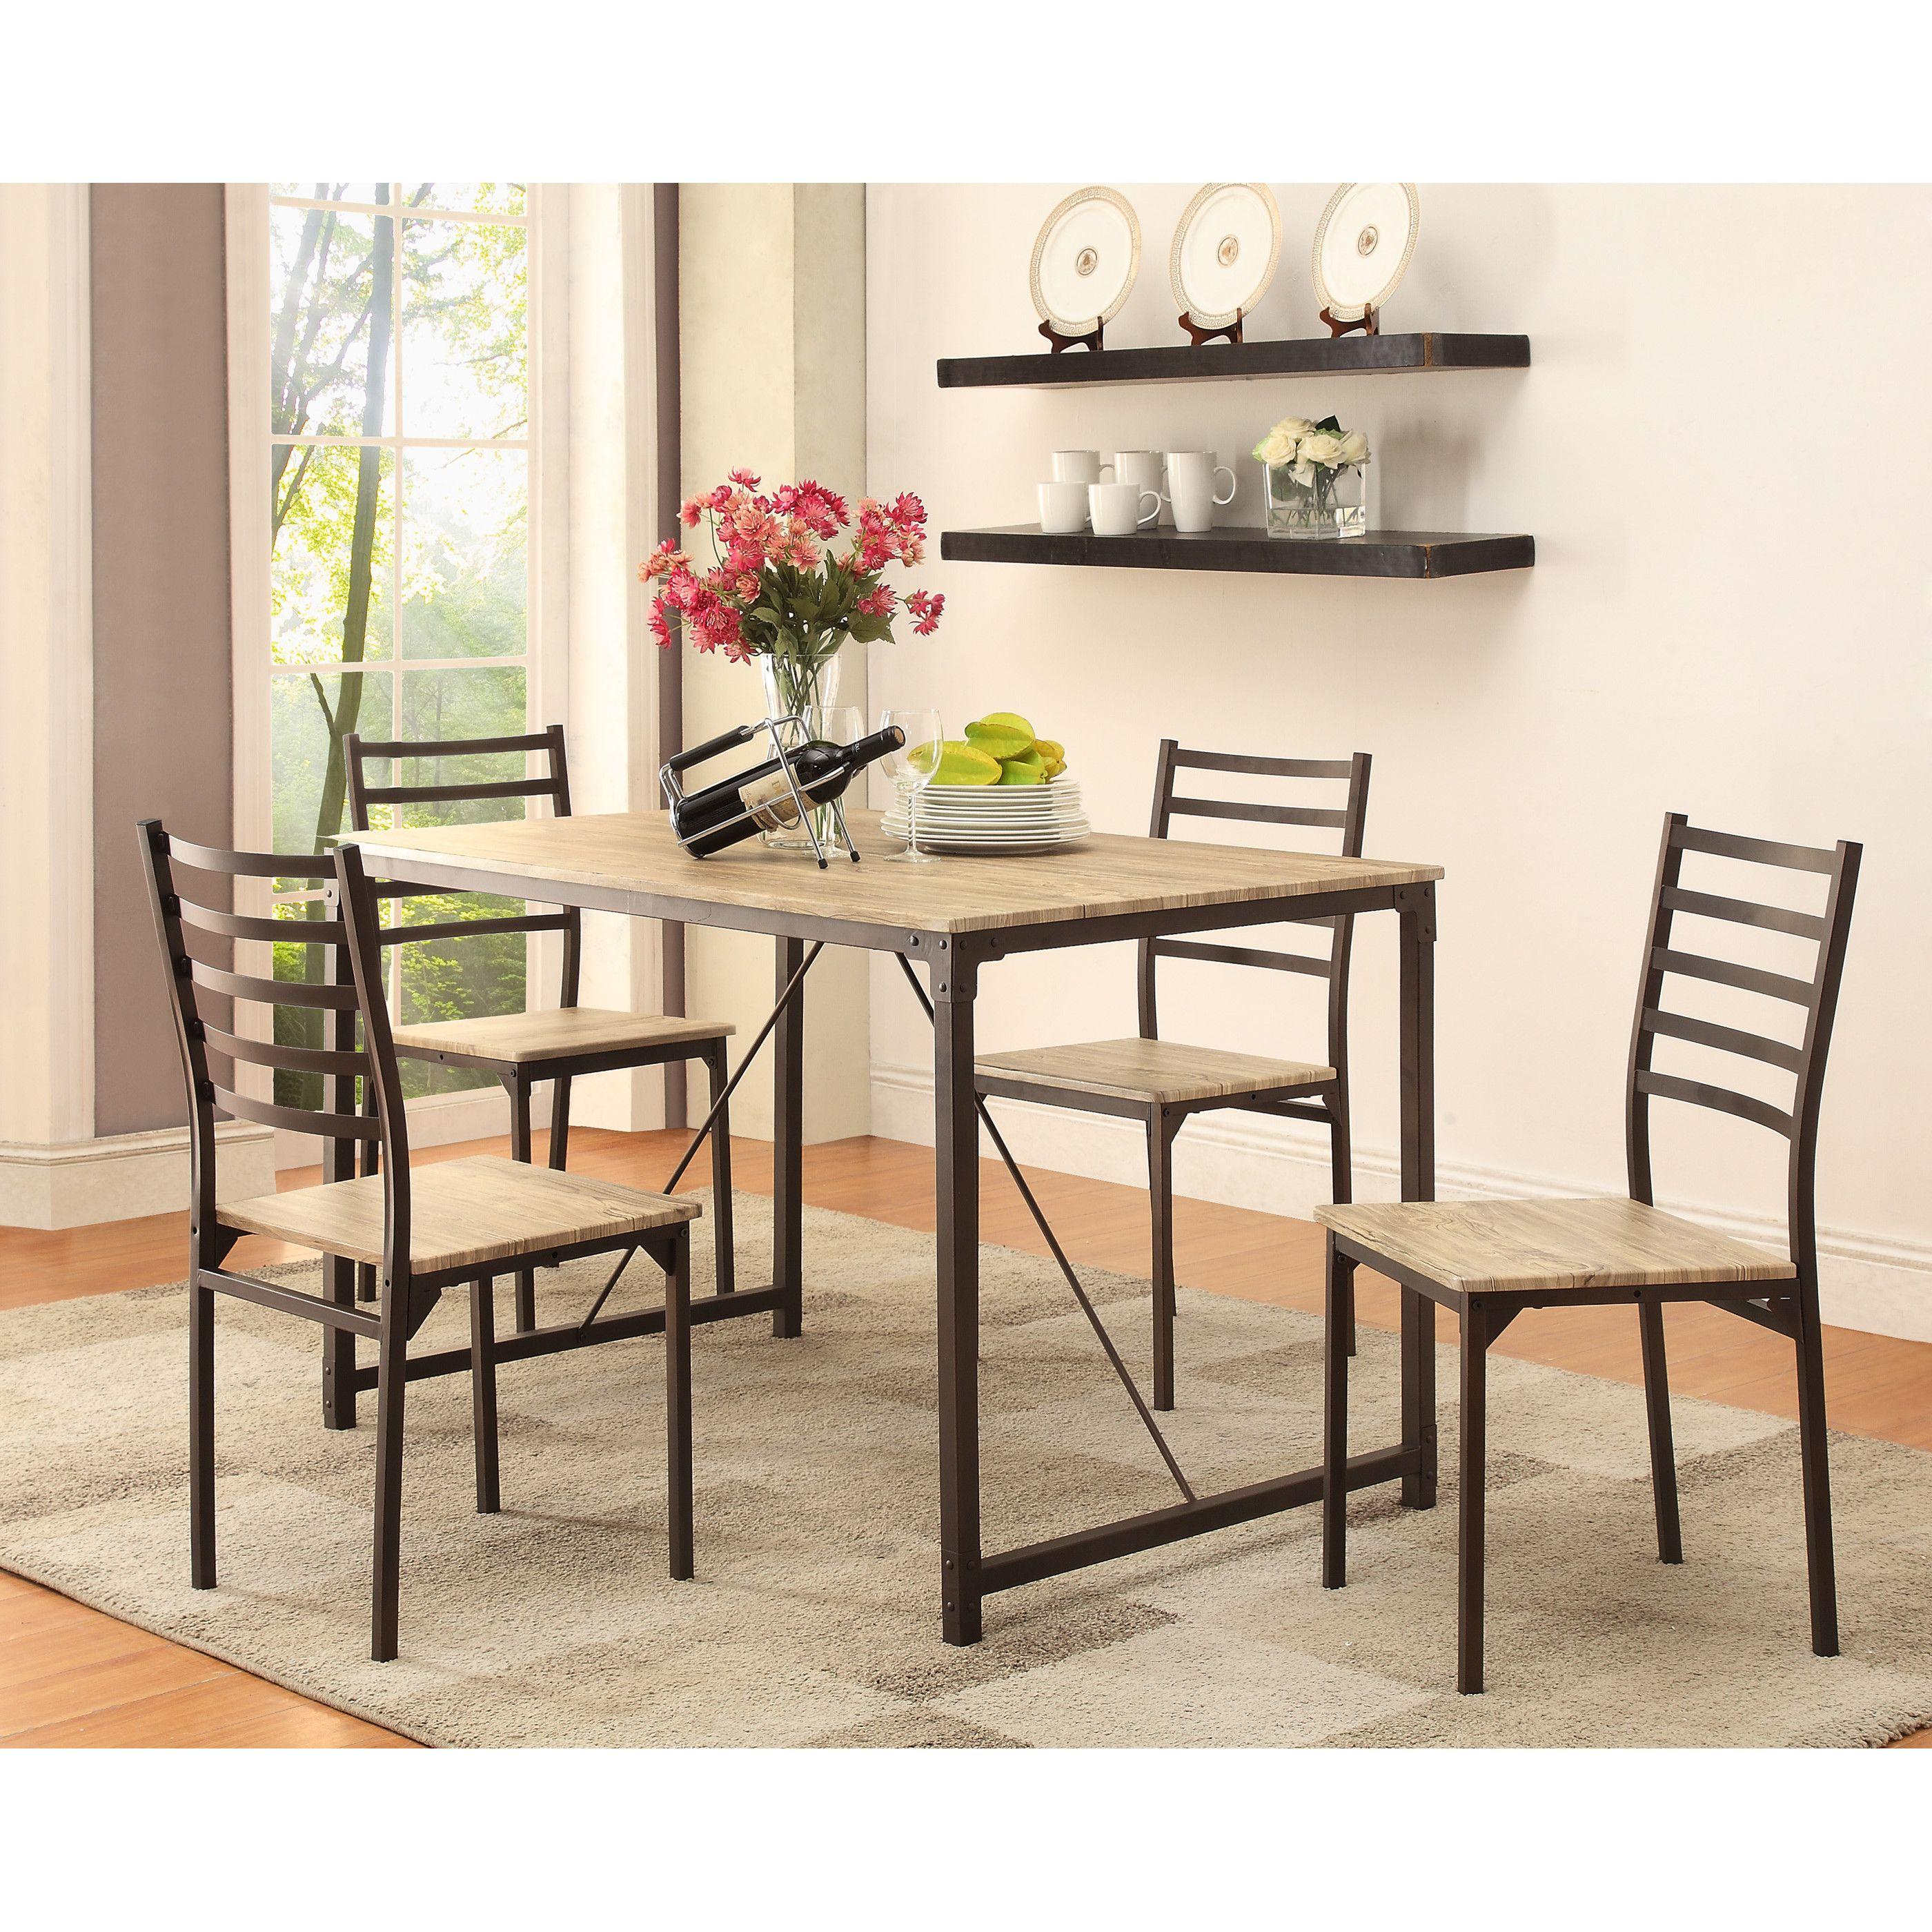 Superior Wildon Home ® 5 Piece Dining Set